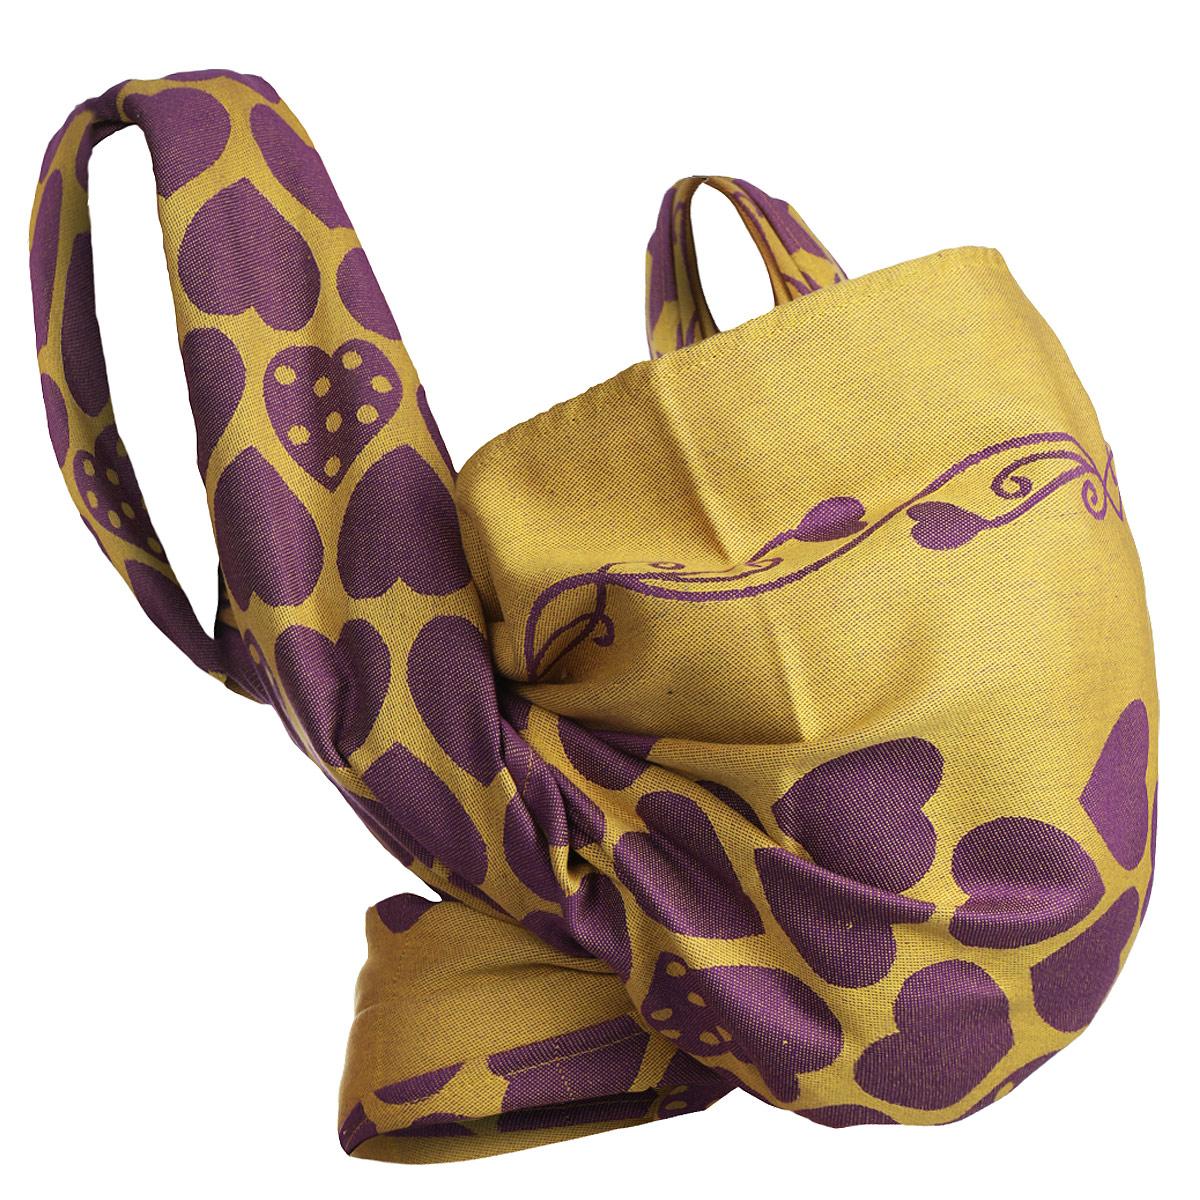 """Слинг-шарф Mum's Era """"Loving Hearts Grape"""", цвет: желтый, фиолетовый. Размер М"""